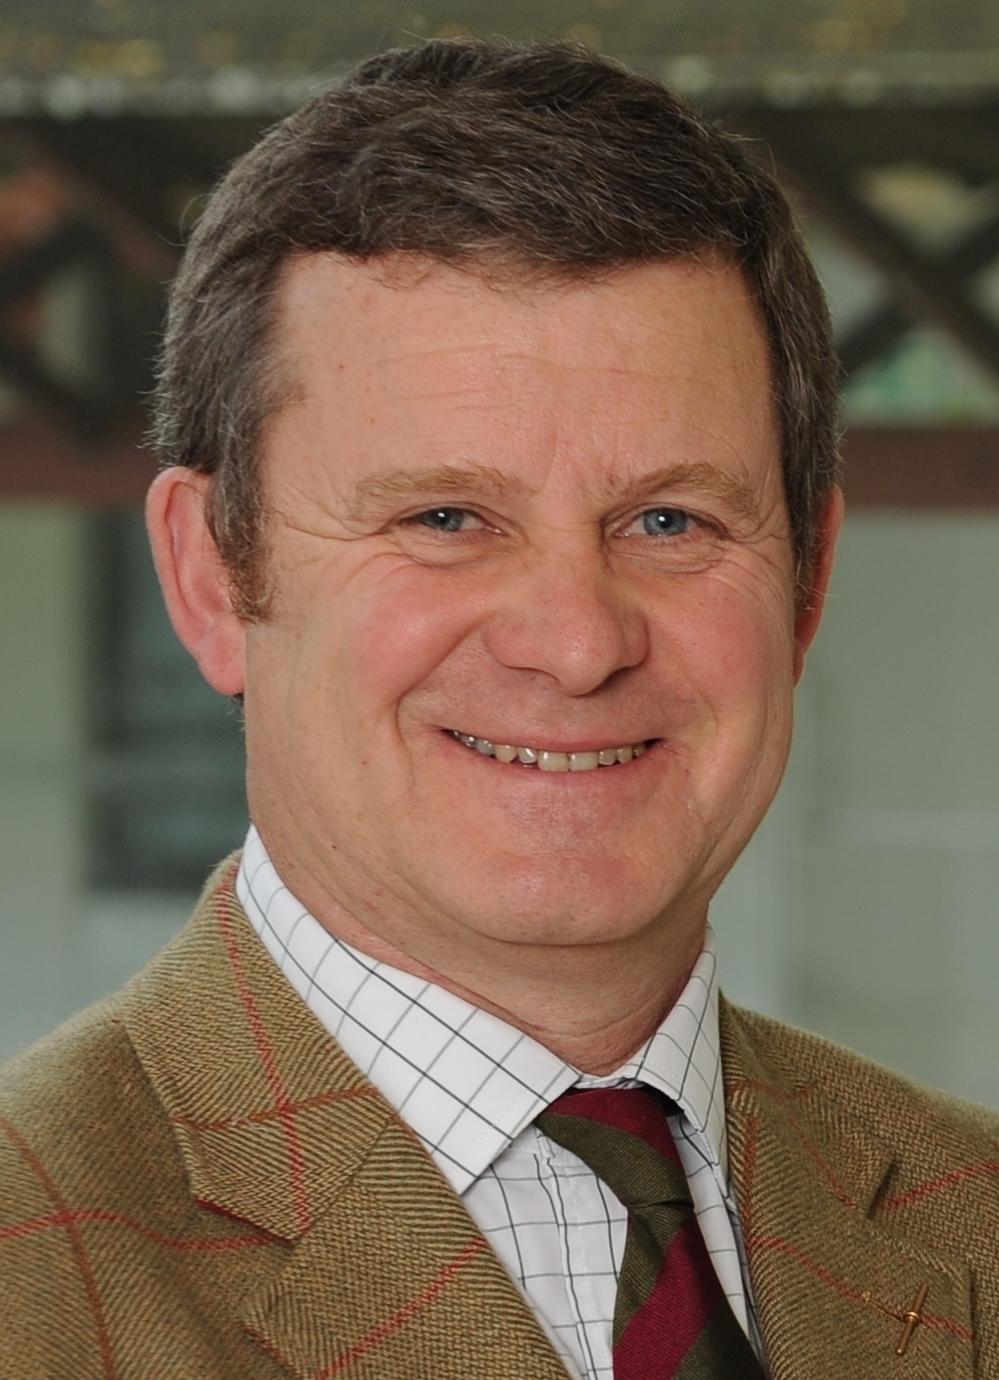 Jeremy Tozer